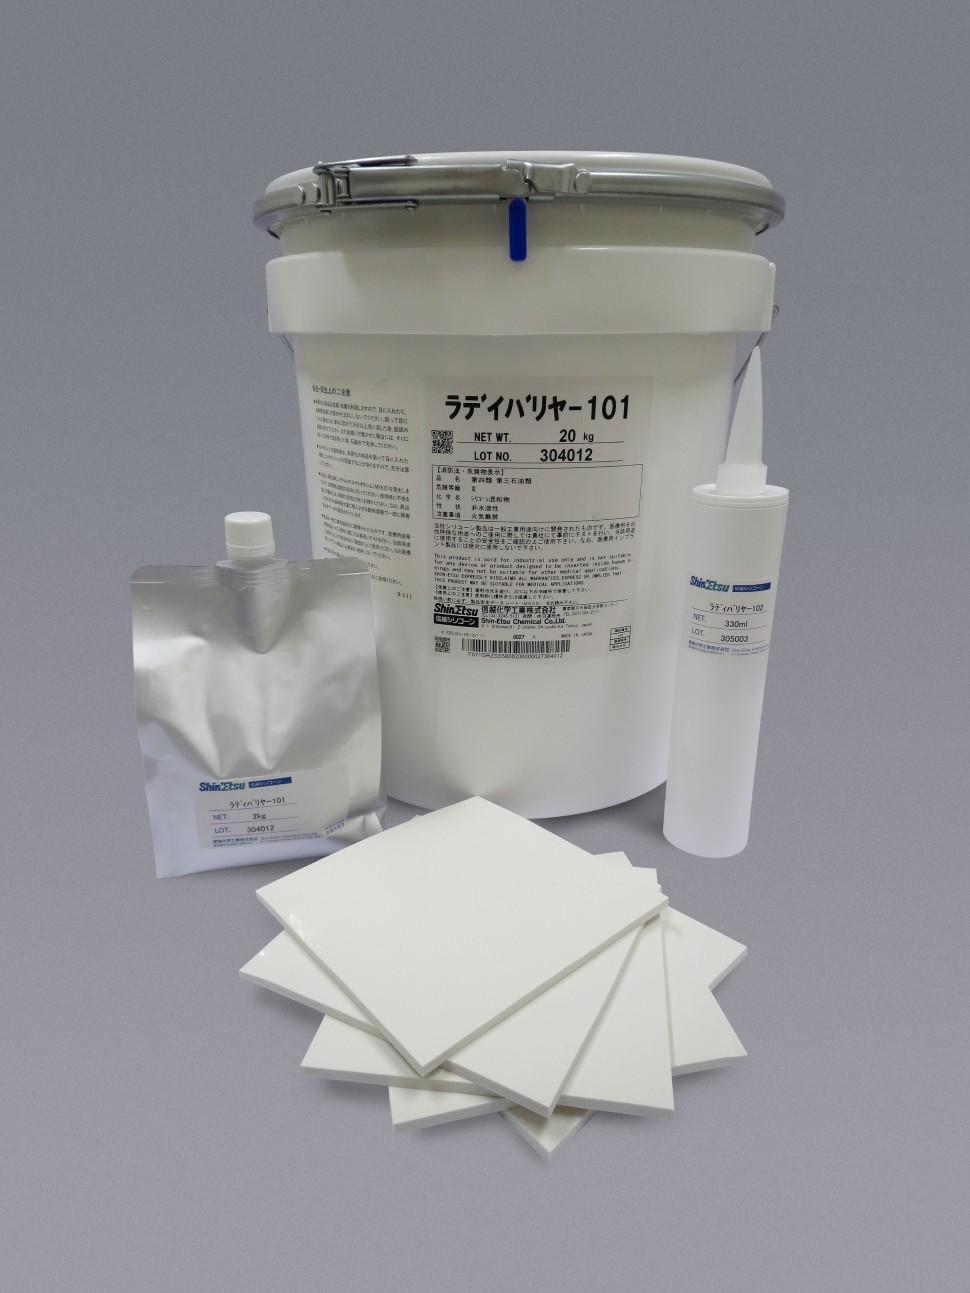 放射線遮蔽液状シリコーンゴム 「ラディバリヤーシリーズ」